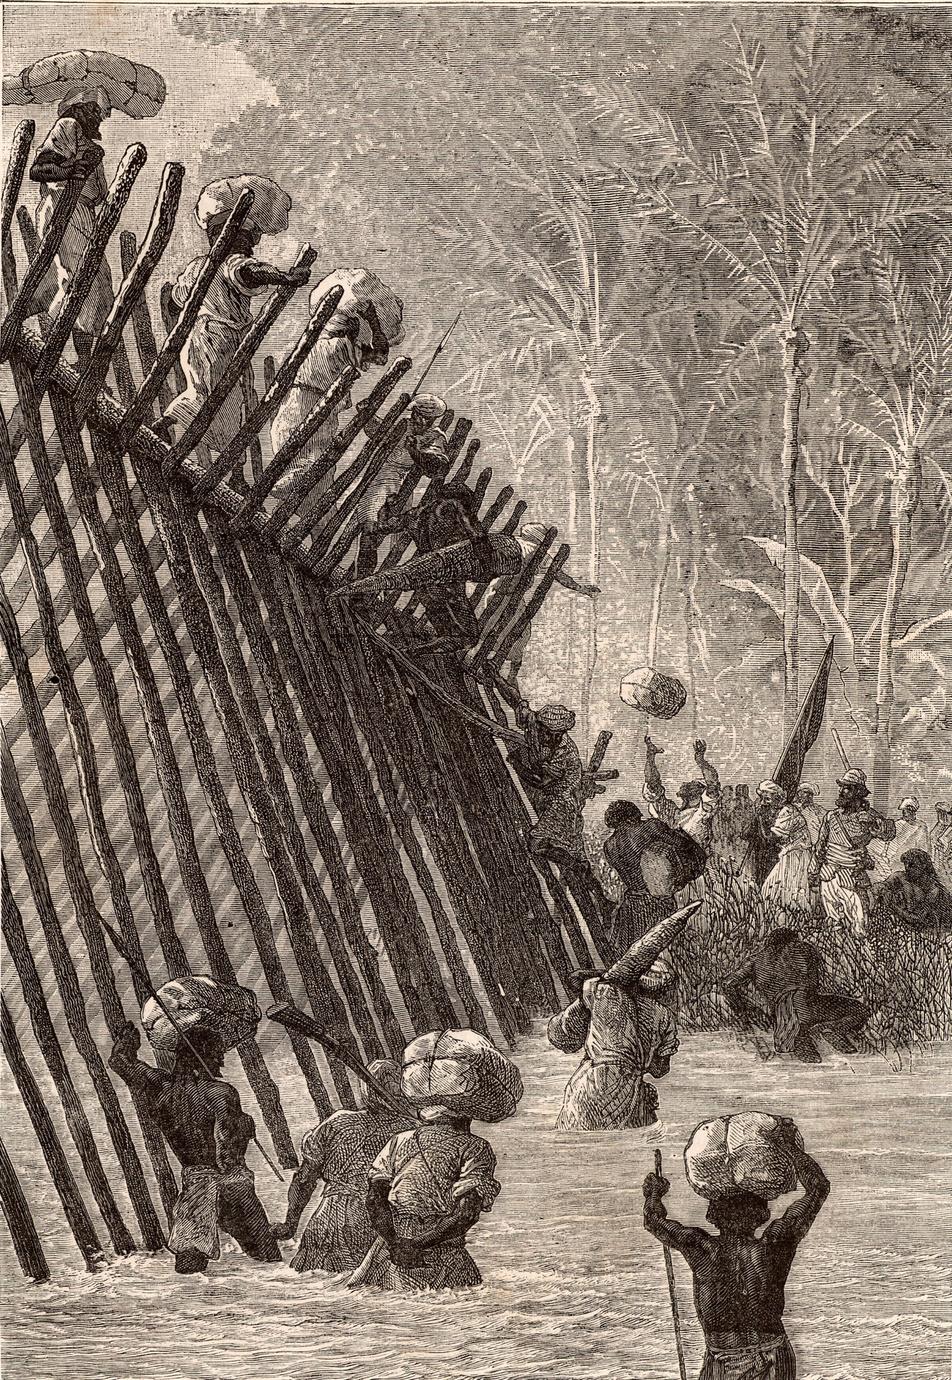 Au cours de son expédition africaine (1872-1875), l'explorateur Verney Lovett Cameron (1844-1894), chargé par la Royal Geographical Society de retracer le parcours de Livingstone, traversa notamment la rivière Lwalaba. Il finit par retrouver Livingstone, alors décédé. Gravure extraite du Journal de la Jeuness, Paris, 1879., iStock